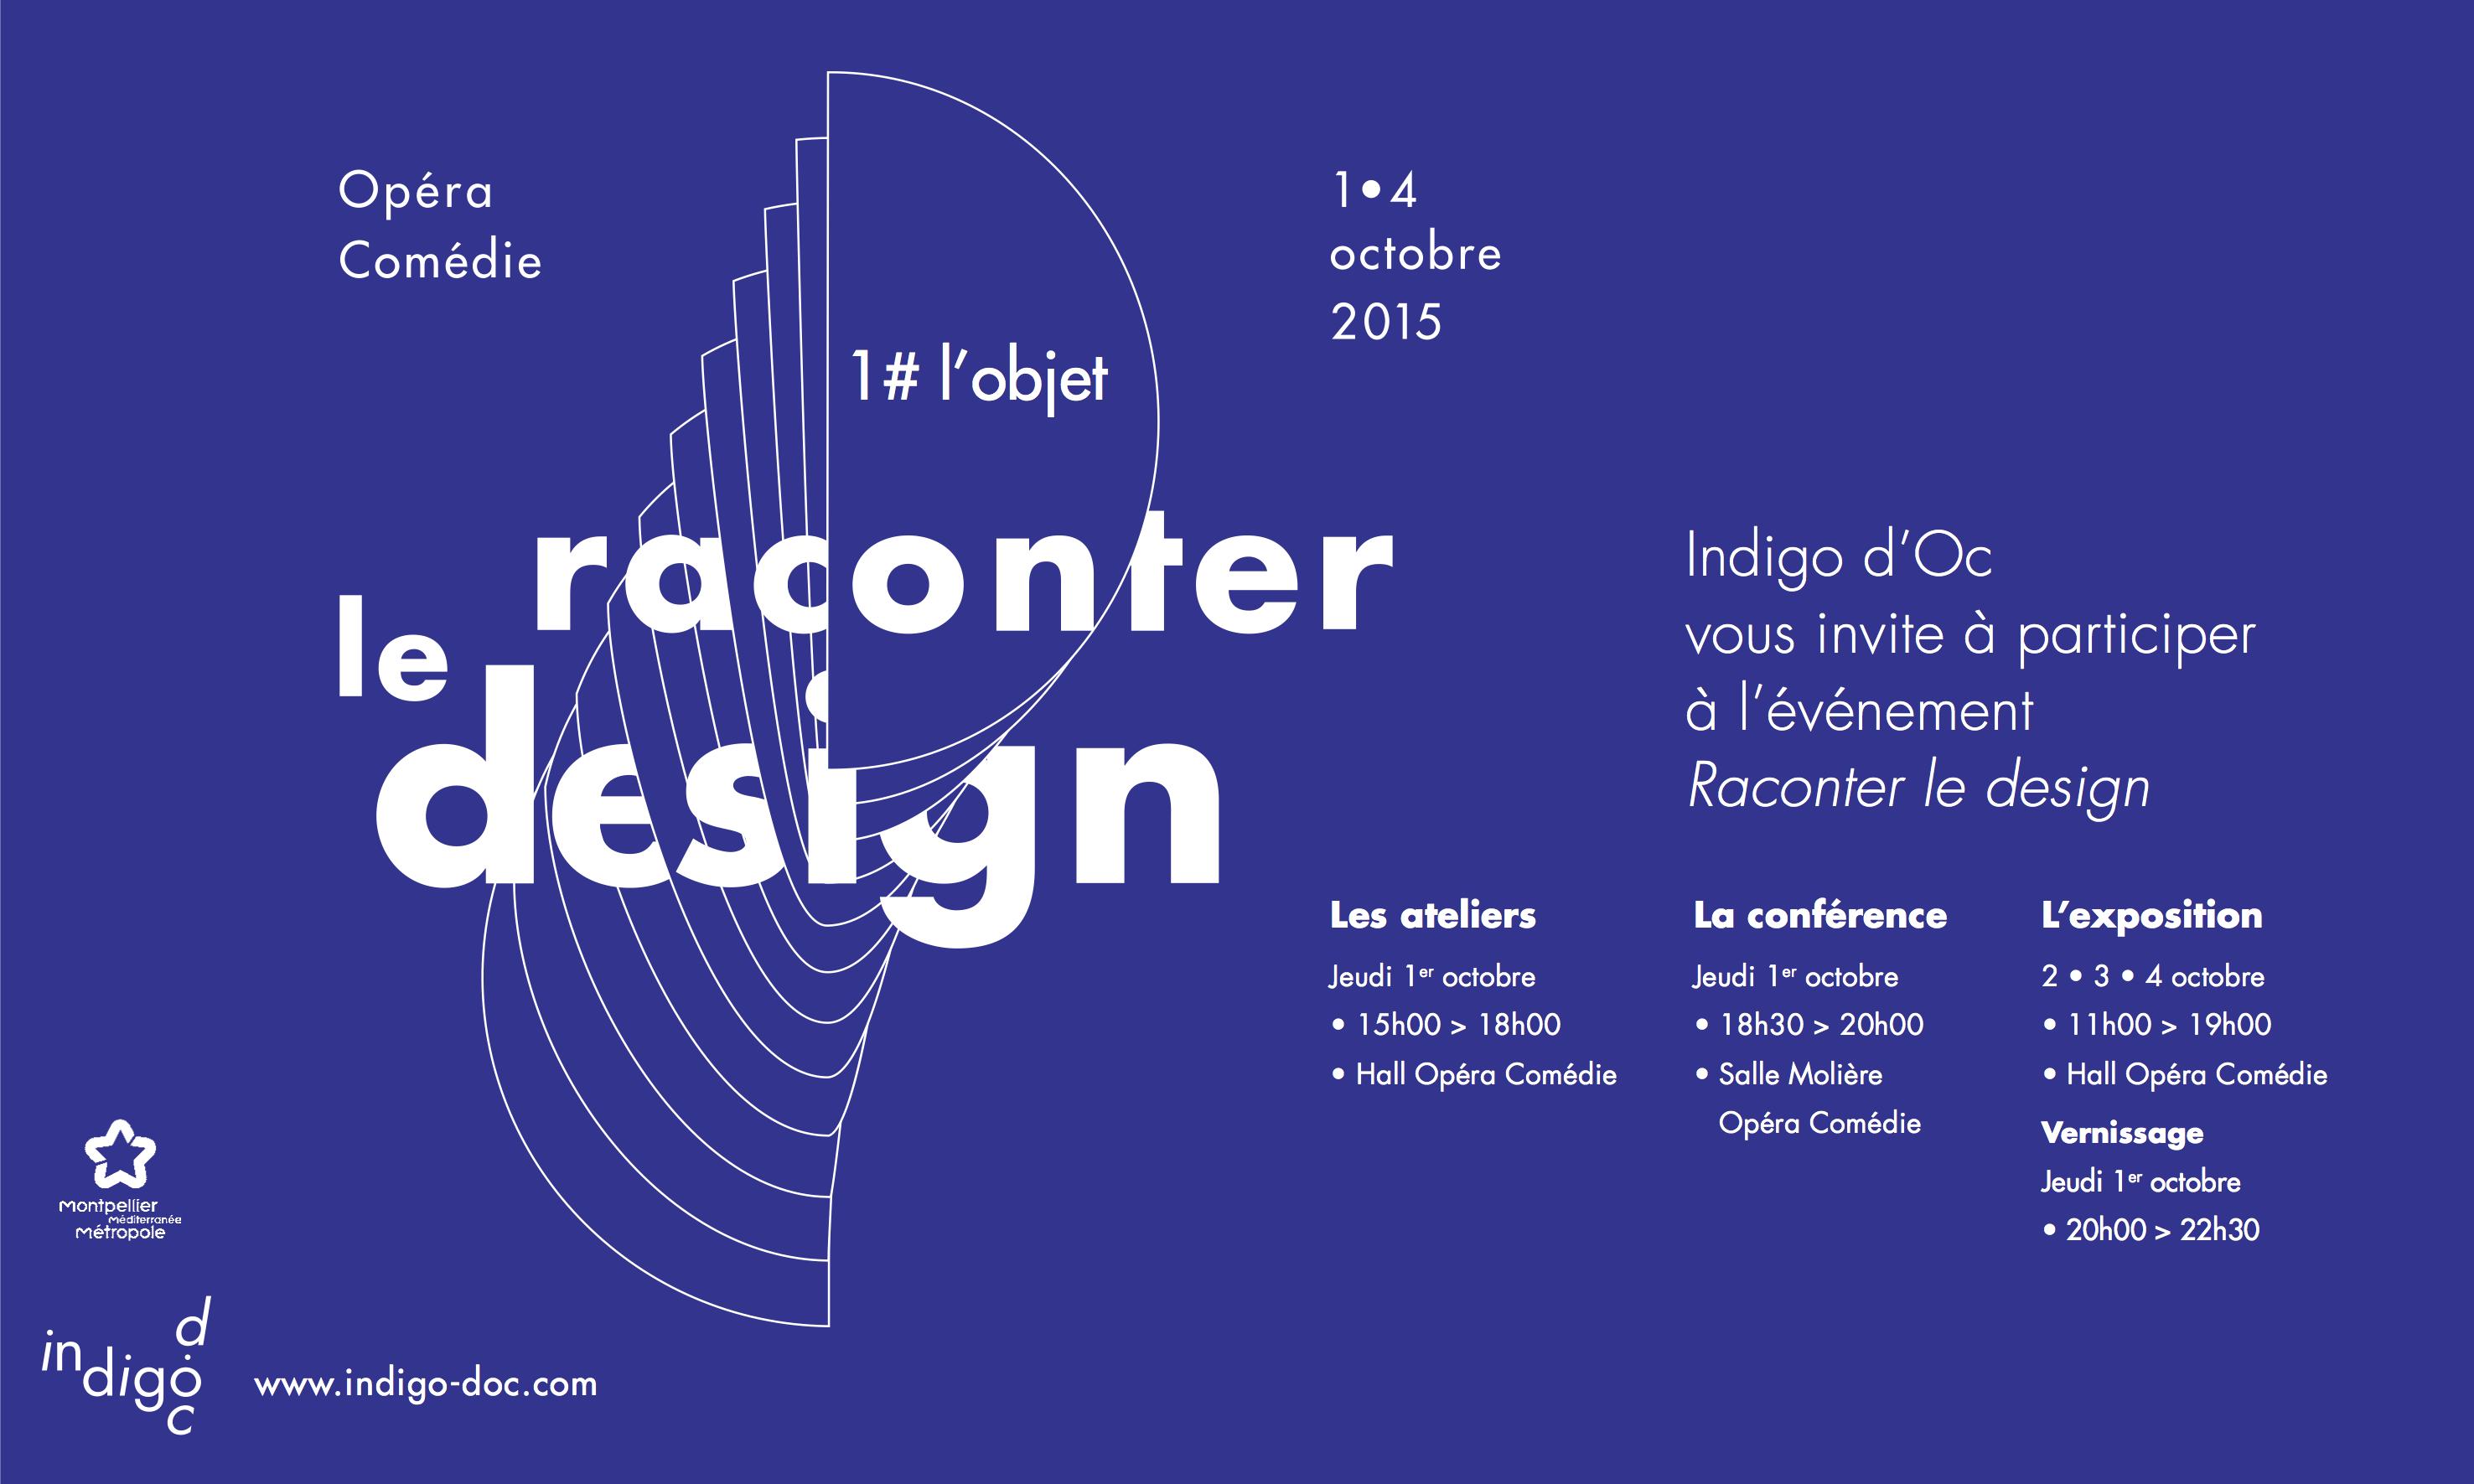 Pilag - Raconter le design affiche